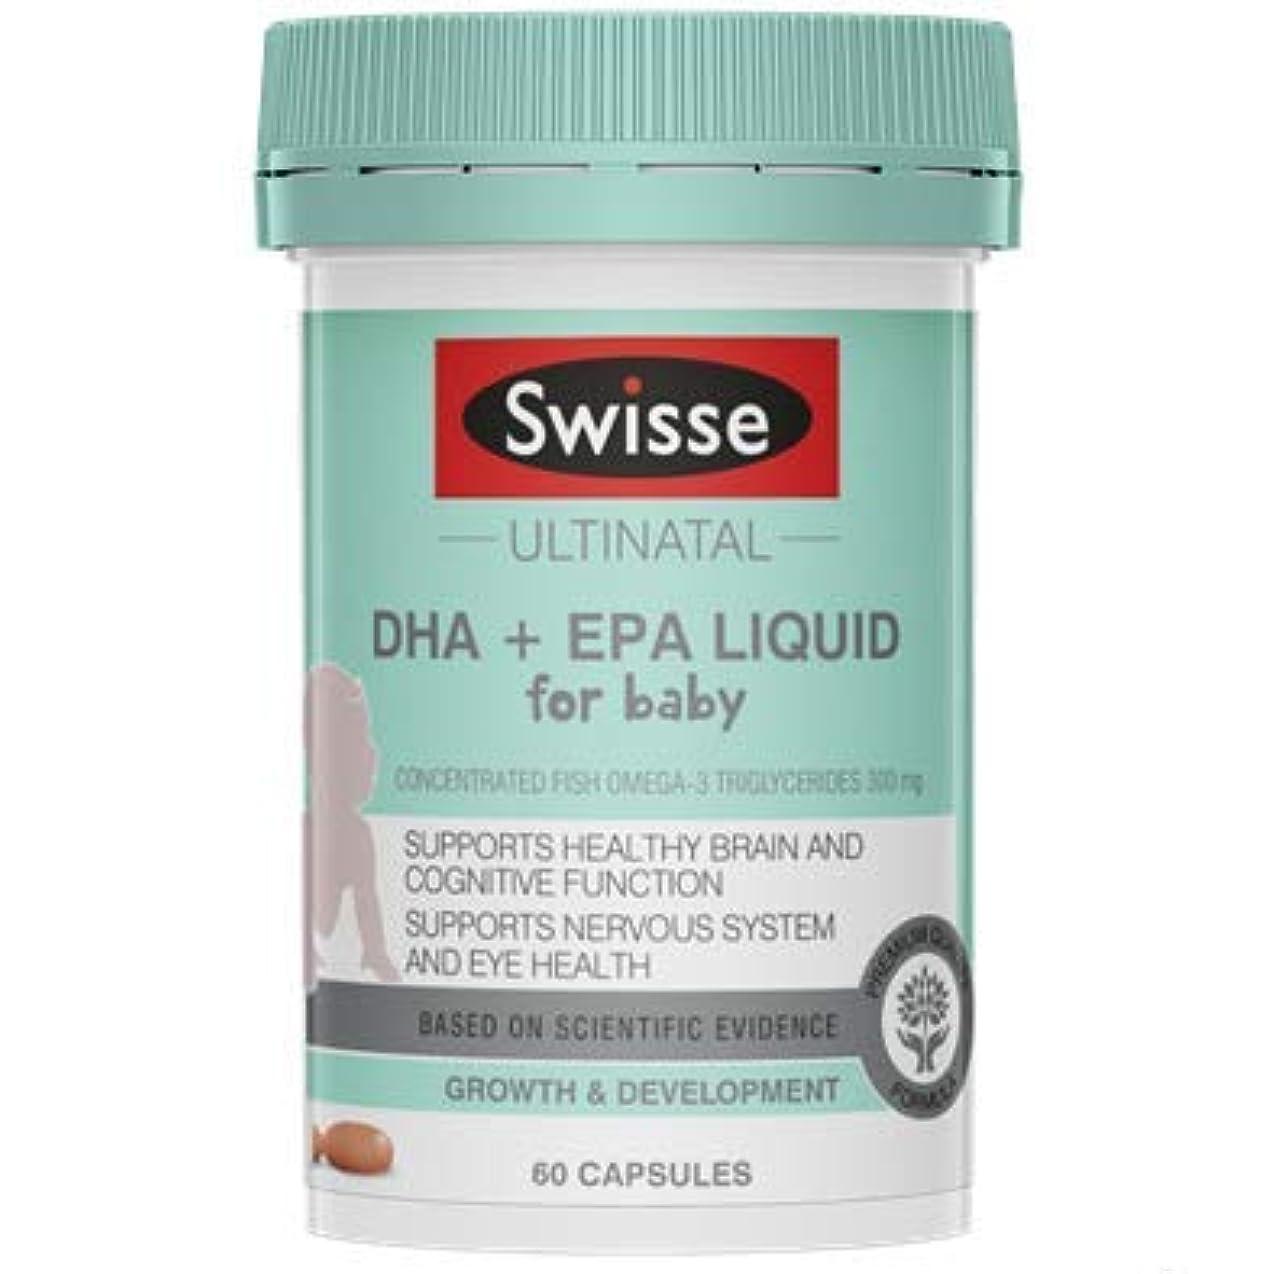 逃す独裁者軽減Swisse Ultinatal DHA + EPA 液体 赤ちゃん用 60カプセル [豪州直送品] [並行輸入品]